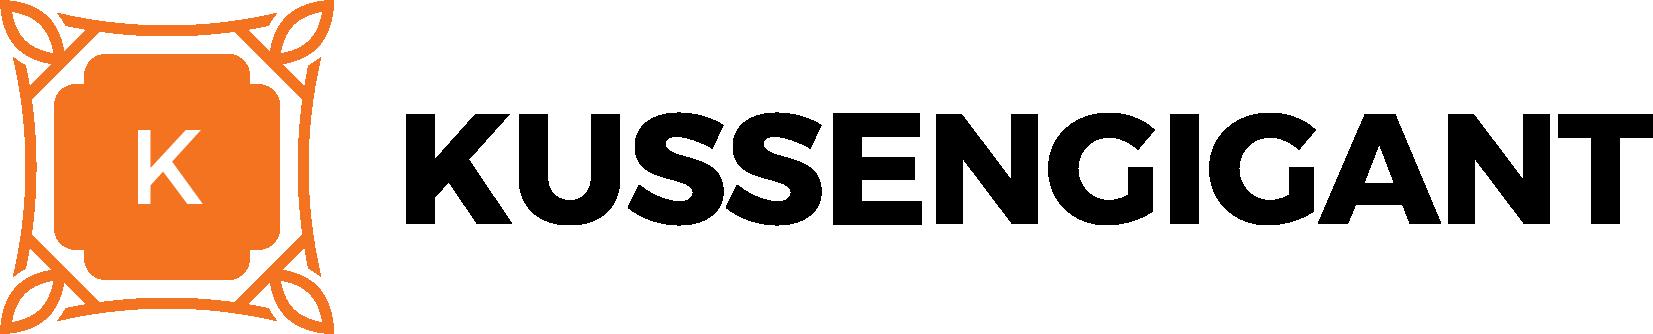 Kussengigant - Goedkoop in (tuin)kussens op maat